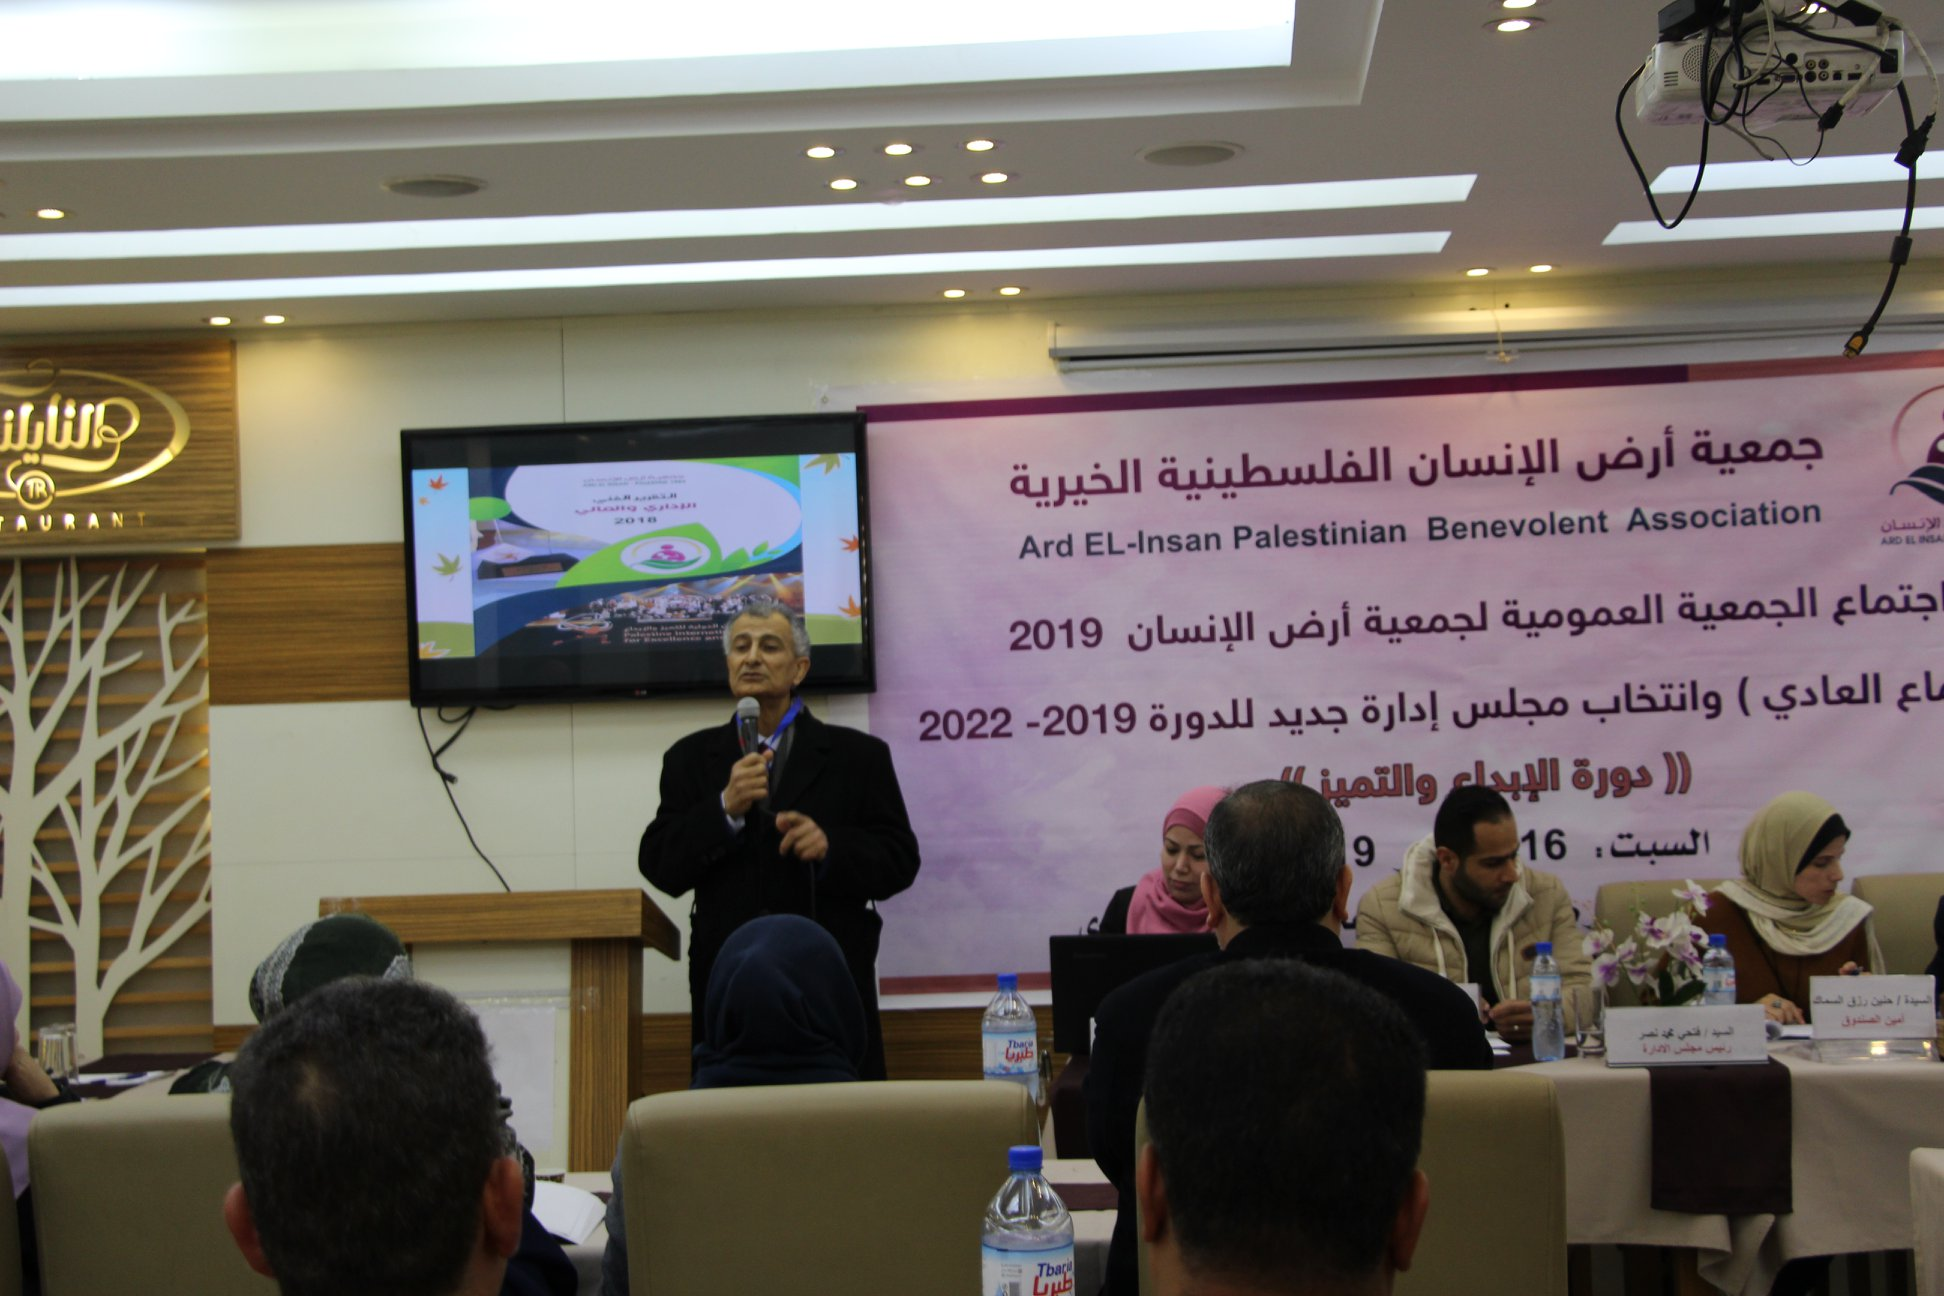 جمعية ارض الانسان الفلسطينية الخيرية تعقد اجتماع الجمعية العمومية لعام2019 -2022 دورة الإبداع والتميز